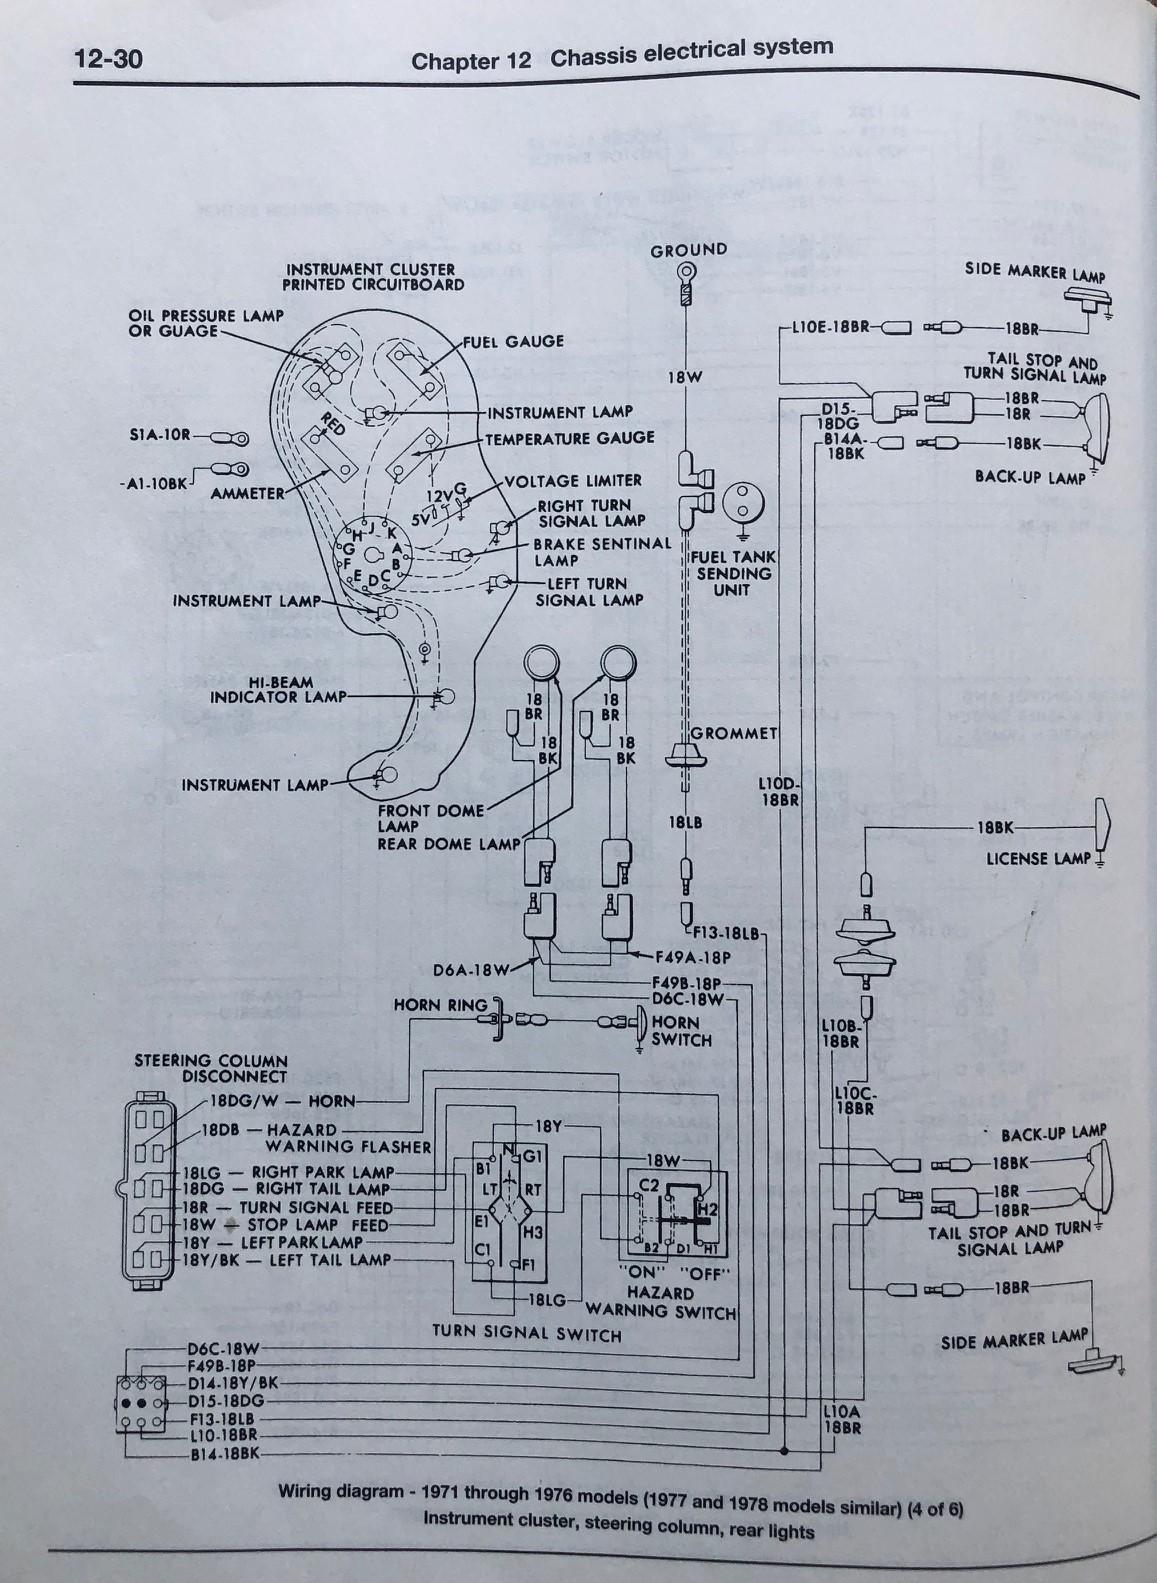 1977 dodge sportsman rebuild - irv2 forums  irv2 forums